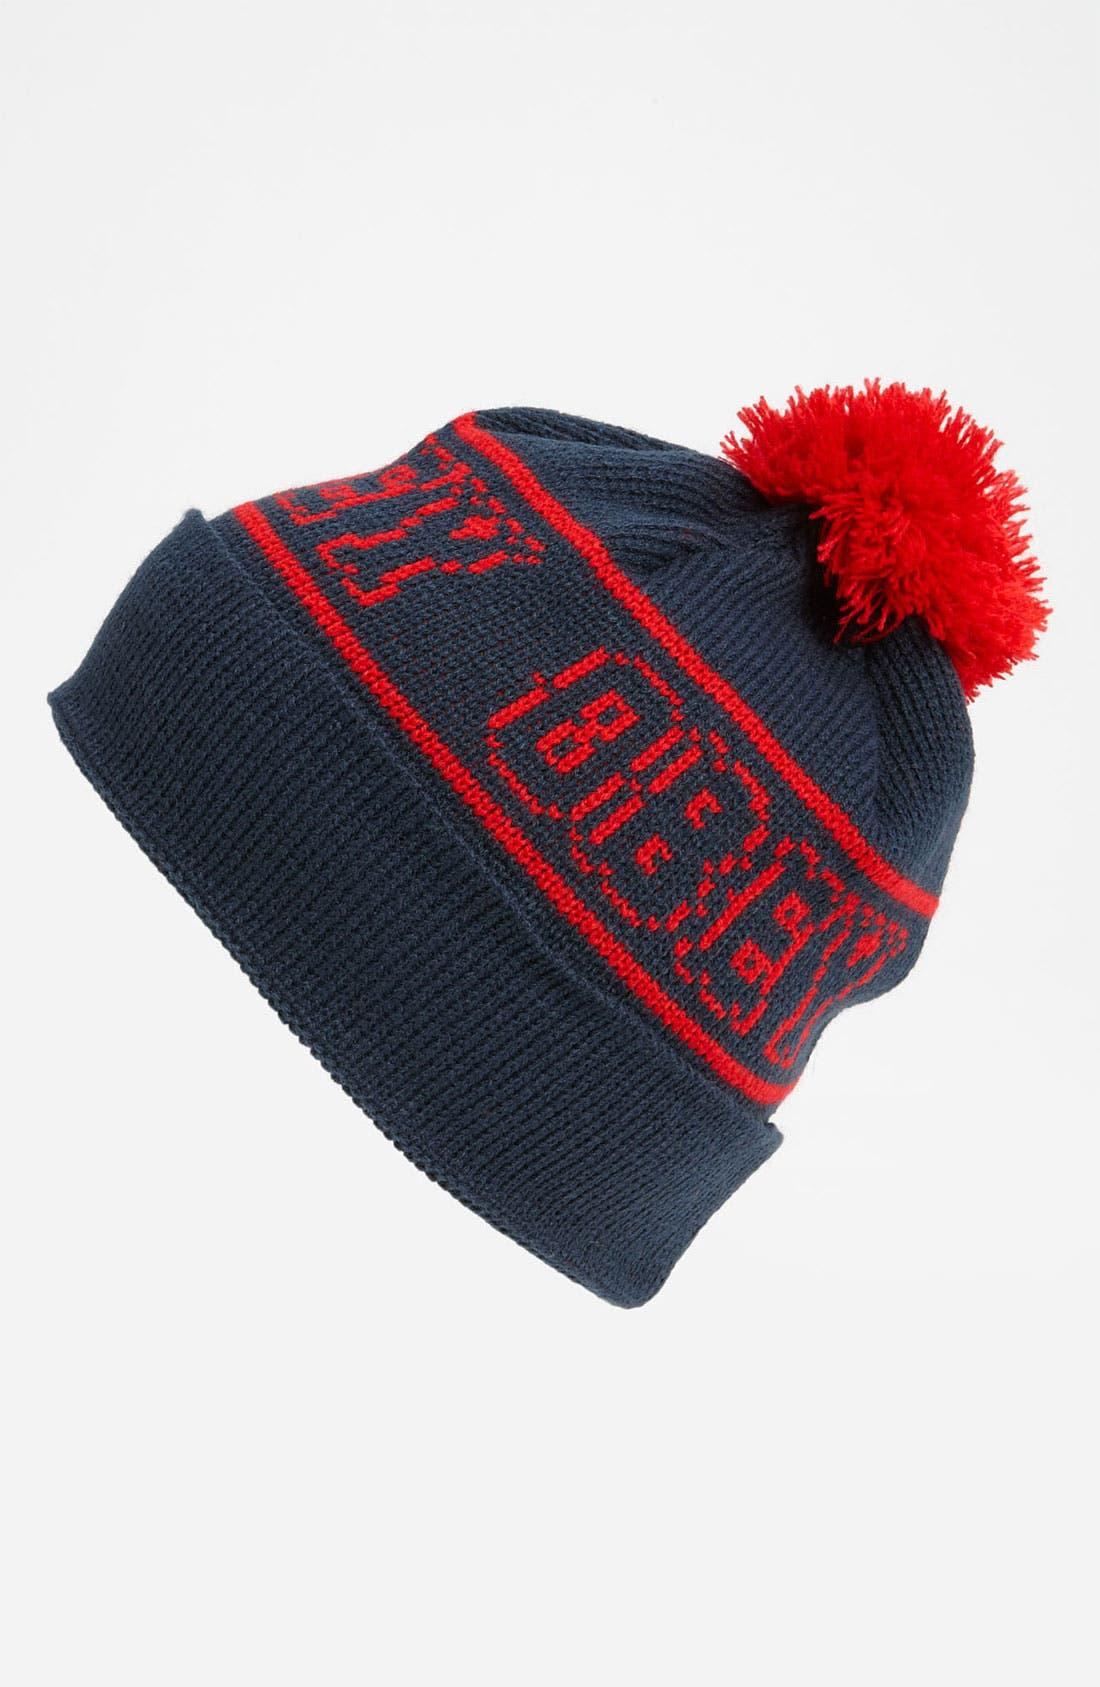 Main Image - Obey 'Gretsky' Knit Cap